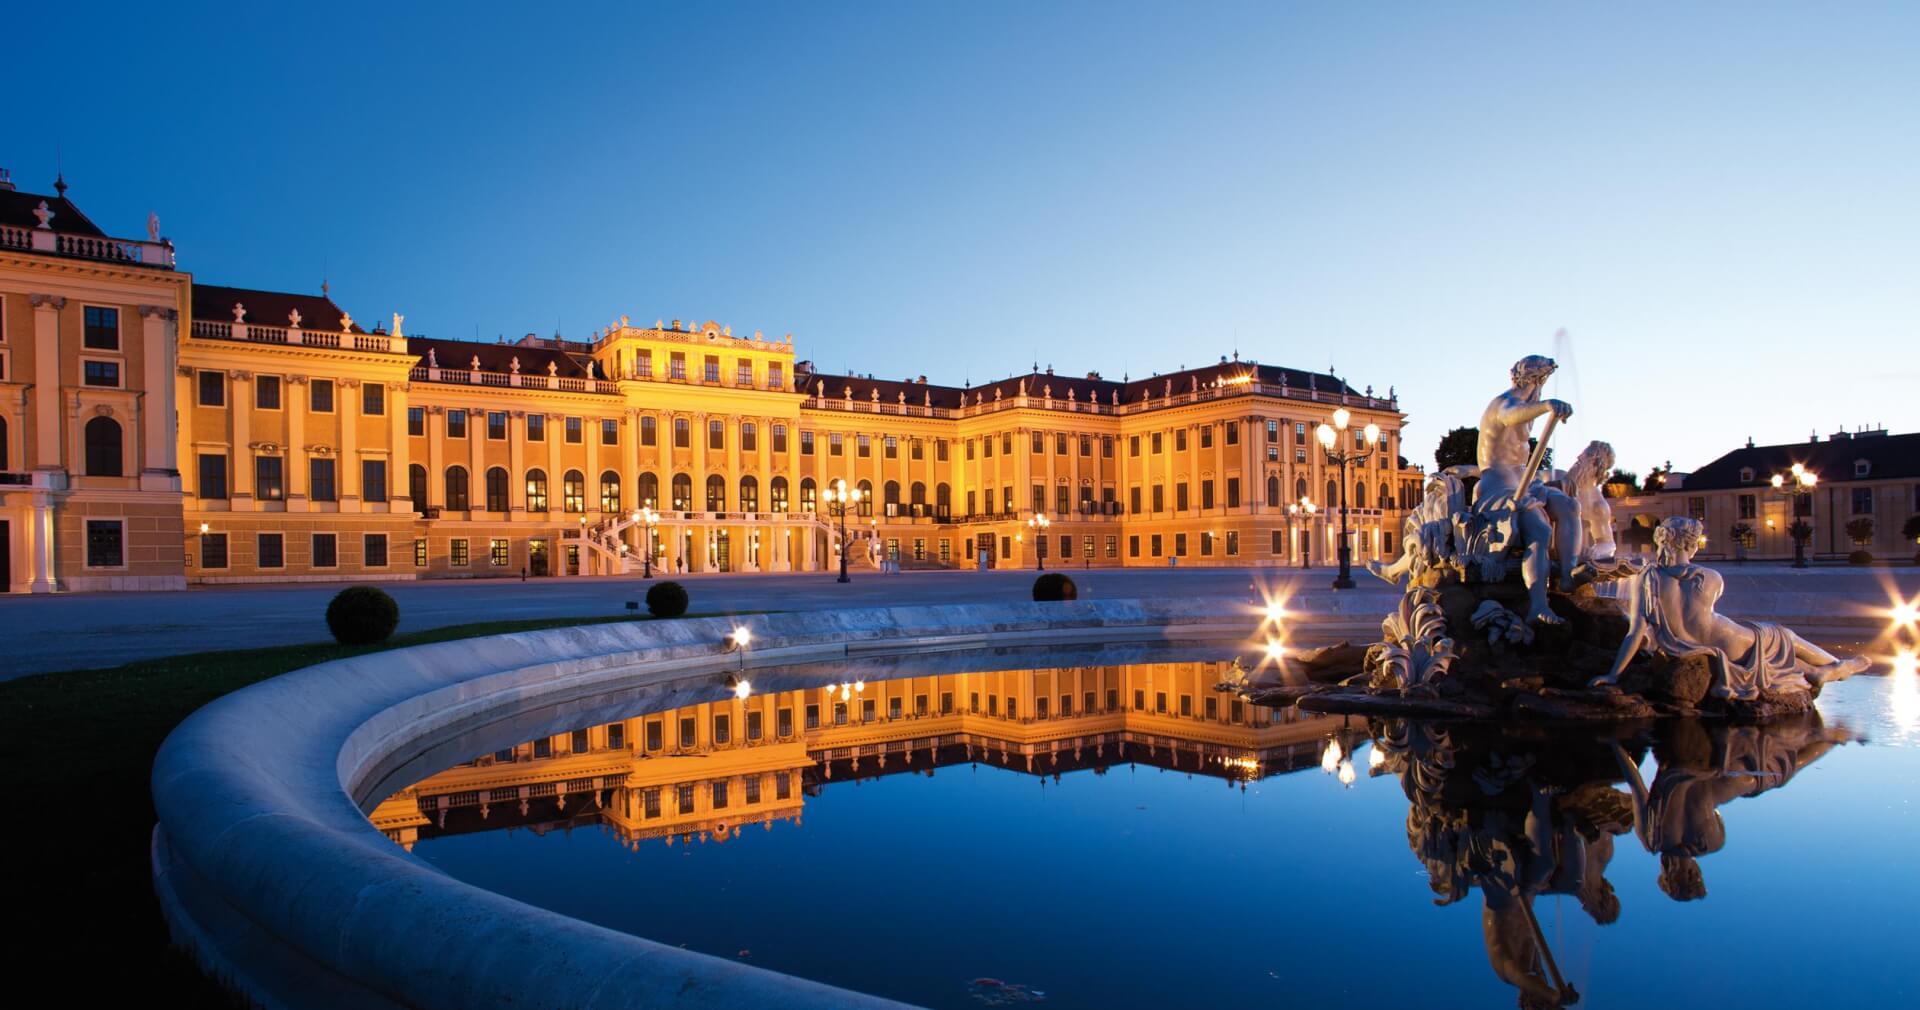 Palácios Schönbrunn